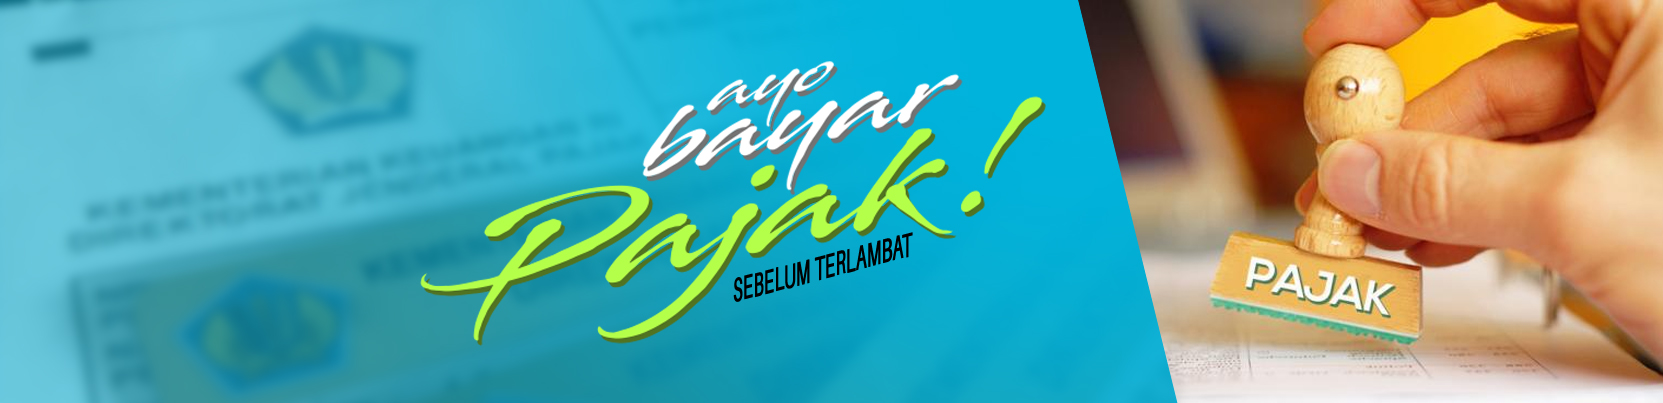 Jasa Konsultan Pajak di Kota Tangerang Selatan